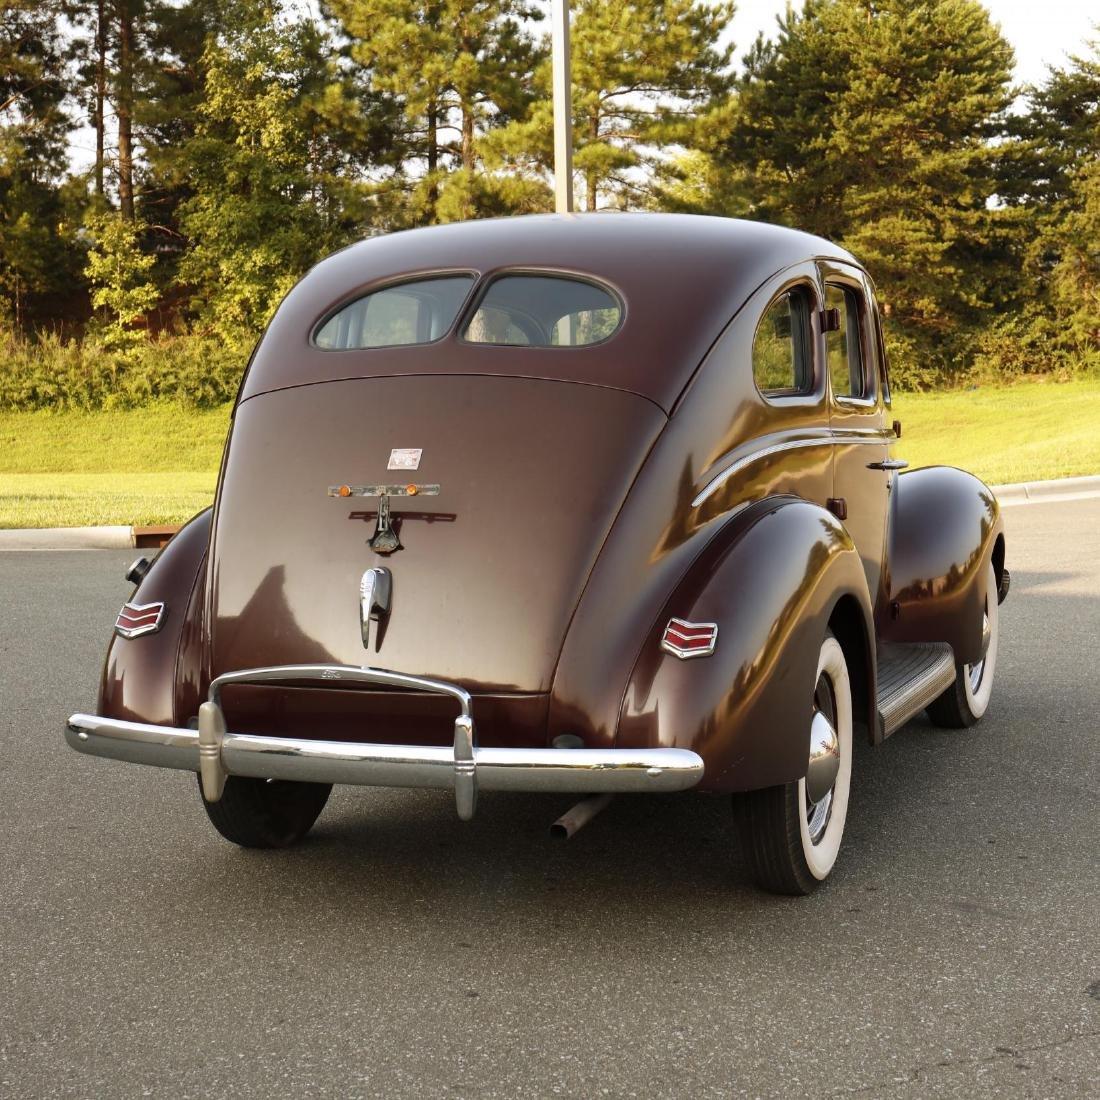 1940 Ford Deluxe Fordor Sedan - 5